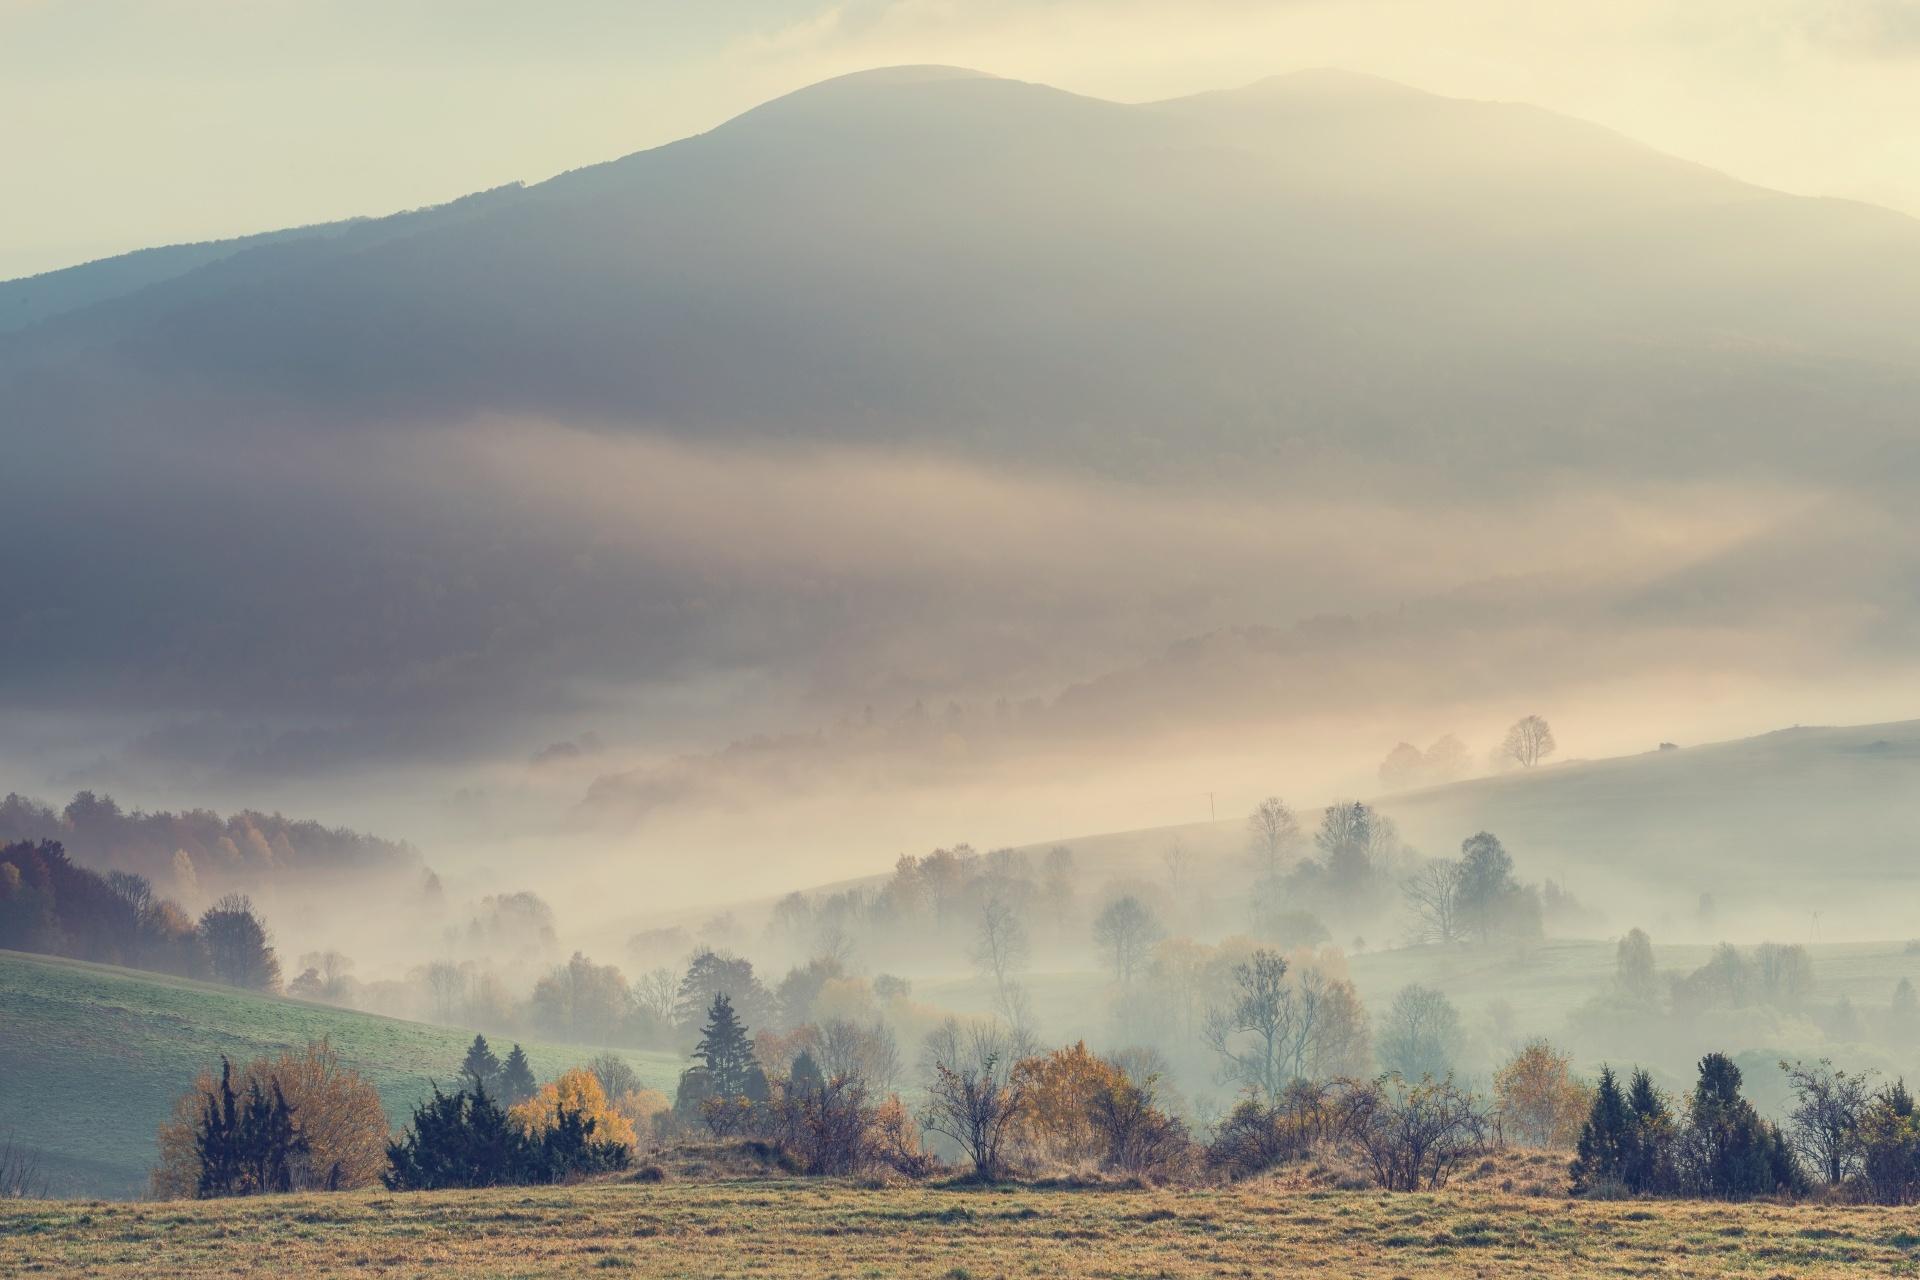 秋の朝の風景 ビエシュチャディ山地 ポーランドの風景